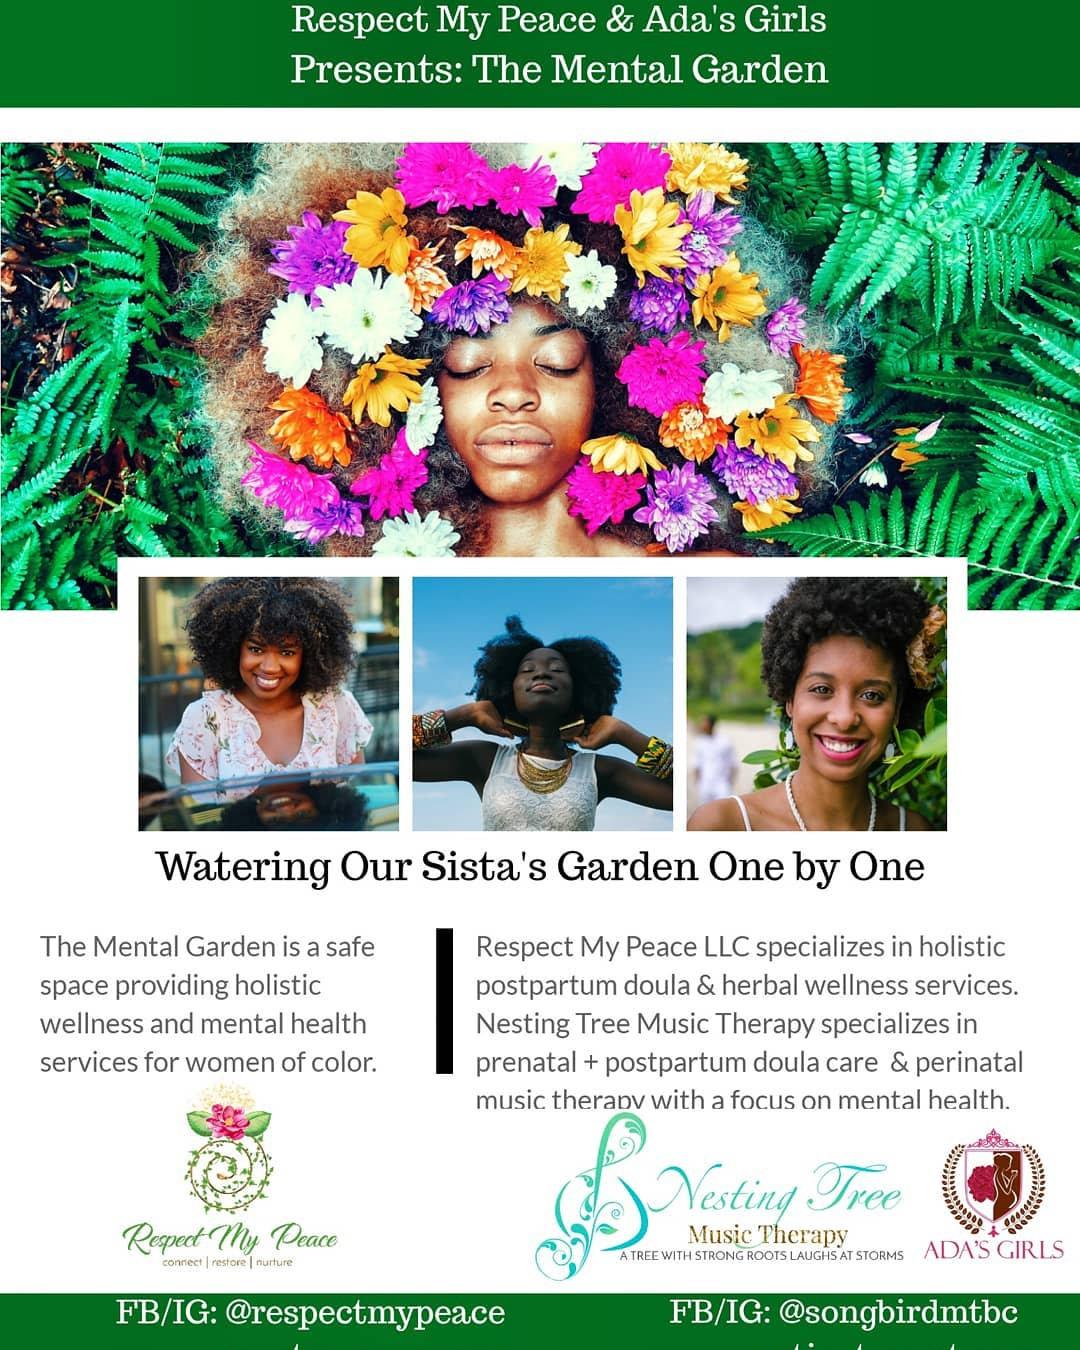 The Mental Garden